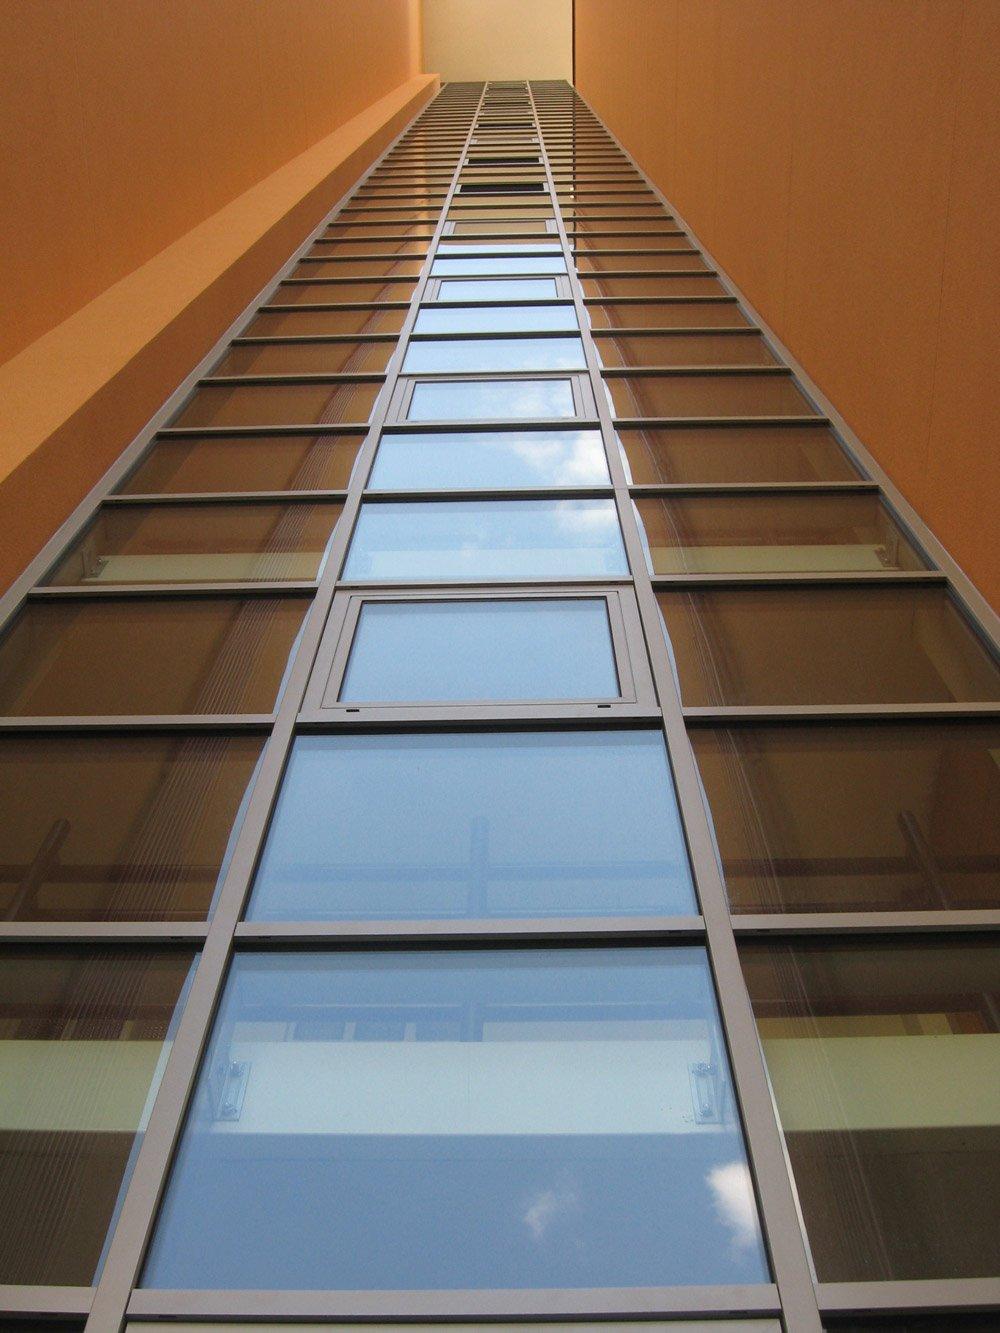 vista dal basso di un edificio a vetrate